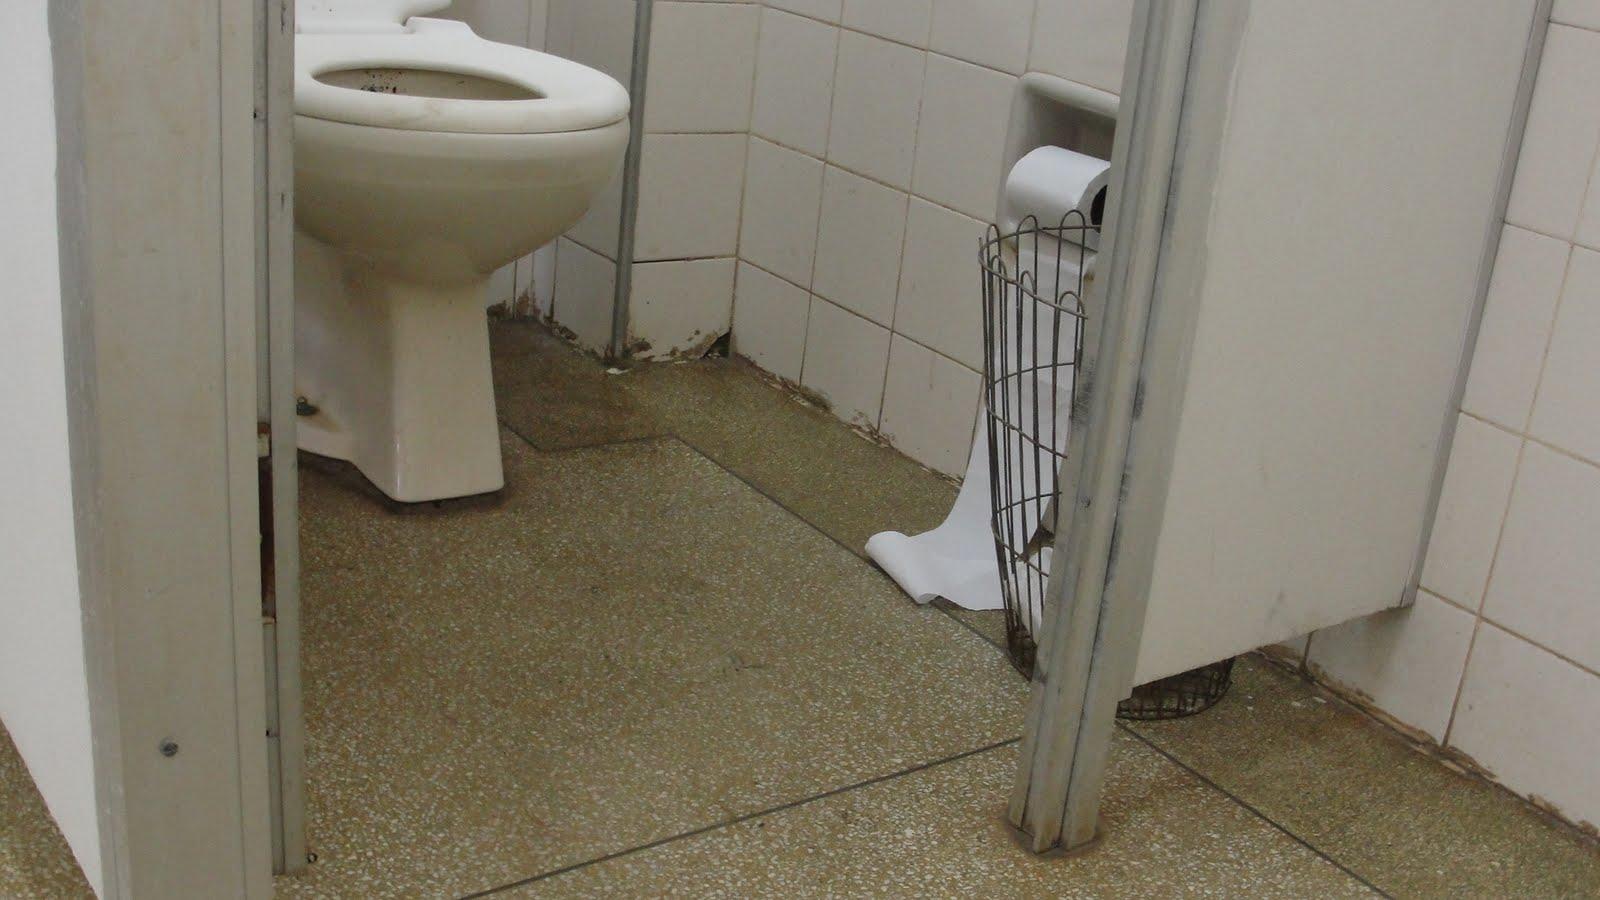 de Saúde em Uberaba não possui banheiro adaptado a deficientes #5B5038 1600 900